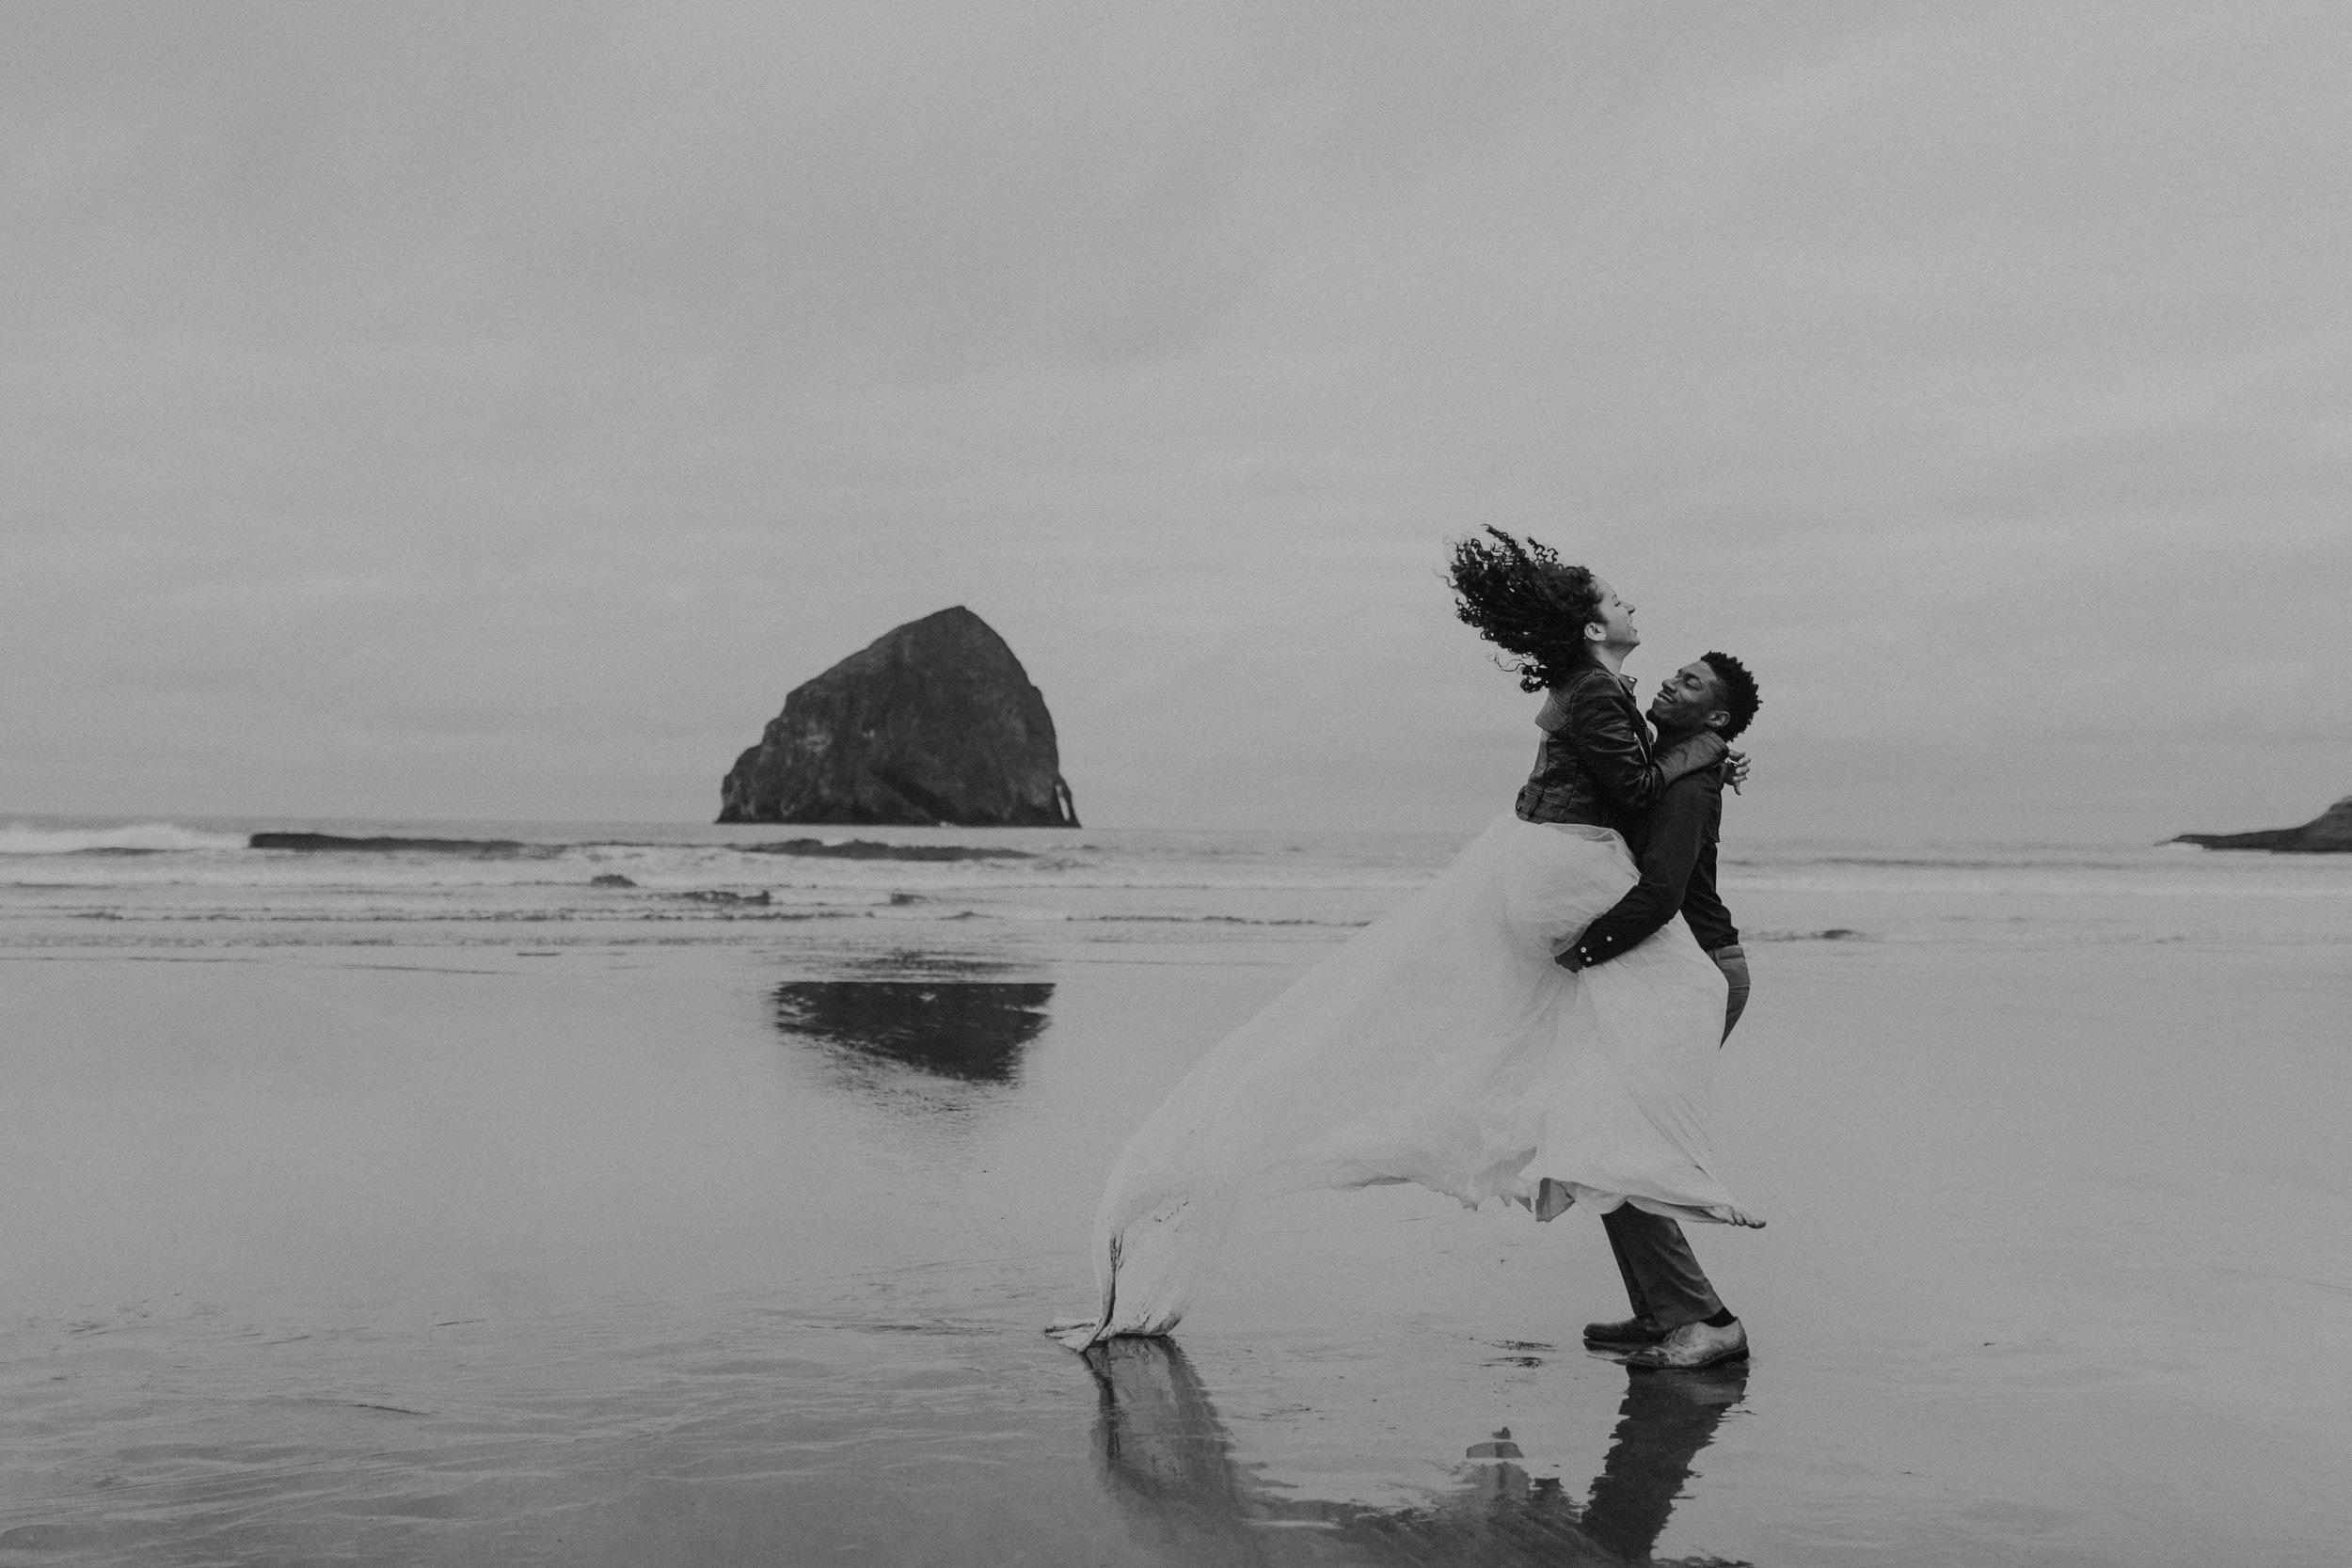 Portland Oregon Photography Workshop- Let's Go Workshop